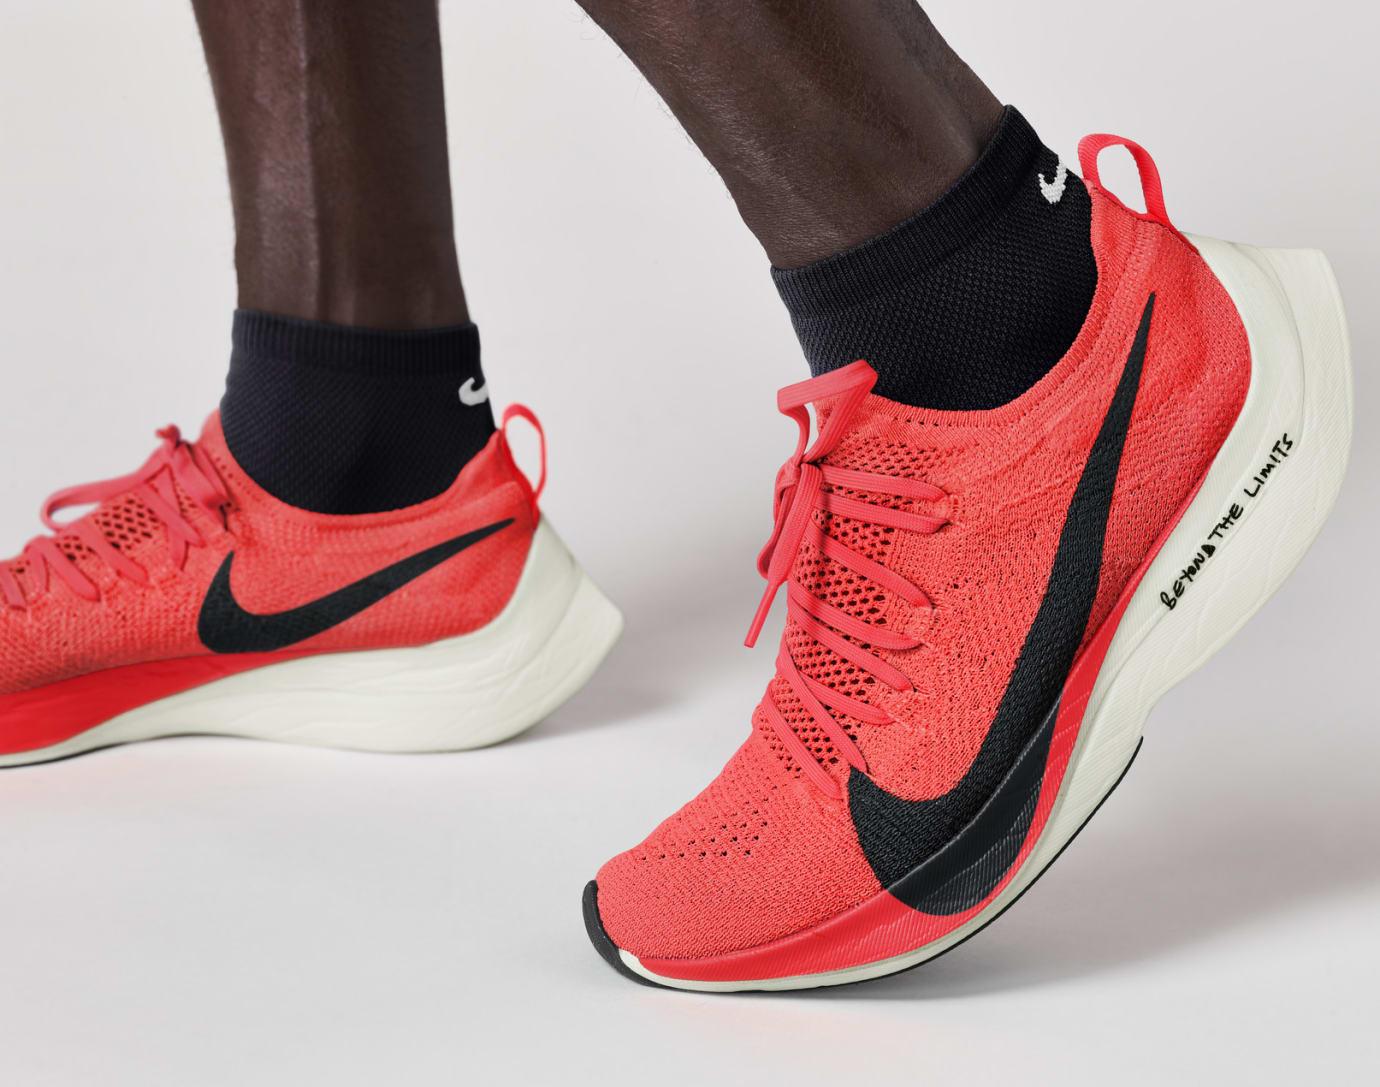 Eliud Nike Zoom Elite Berlin Red VaporFly KipchogeSole by6gYvf7